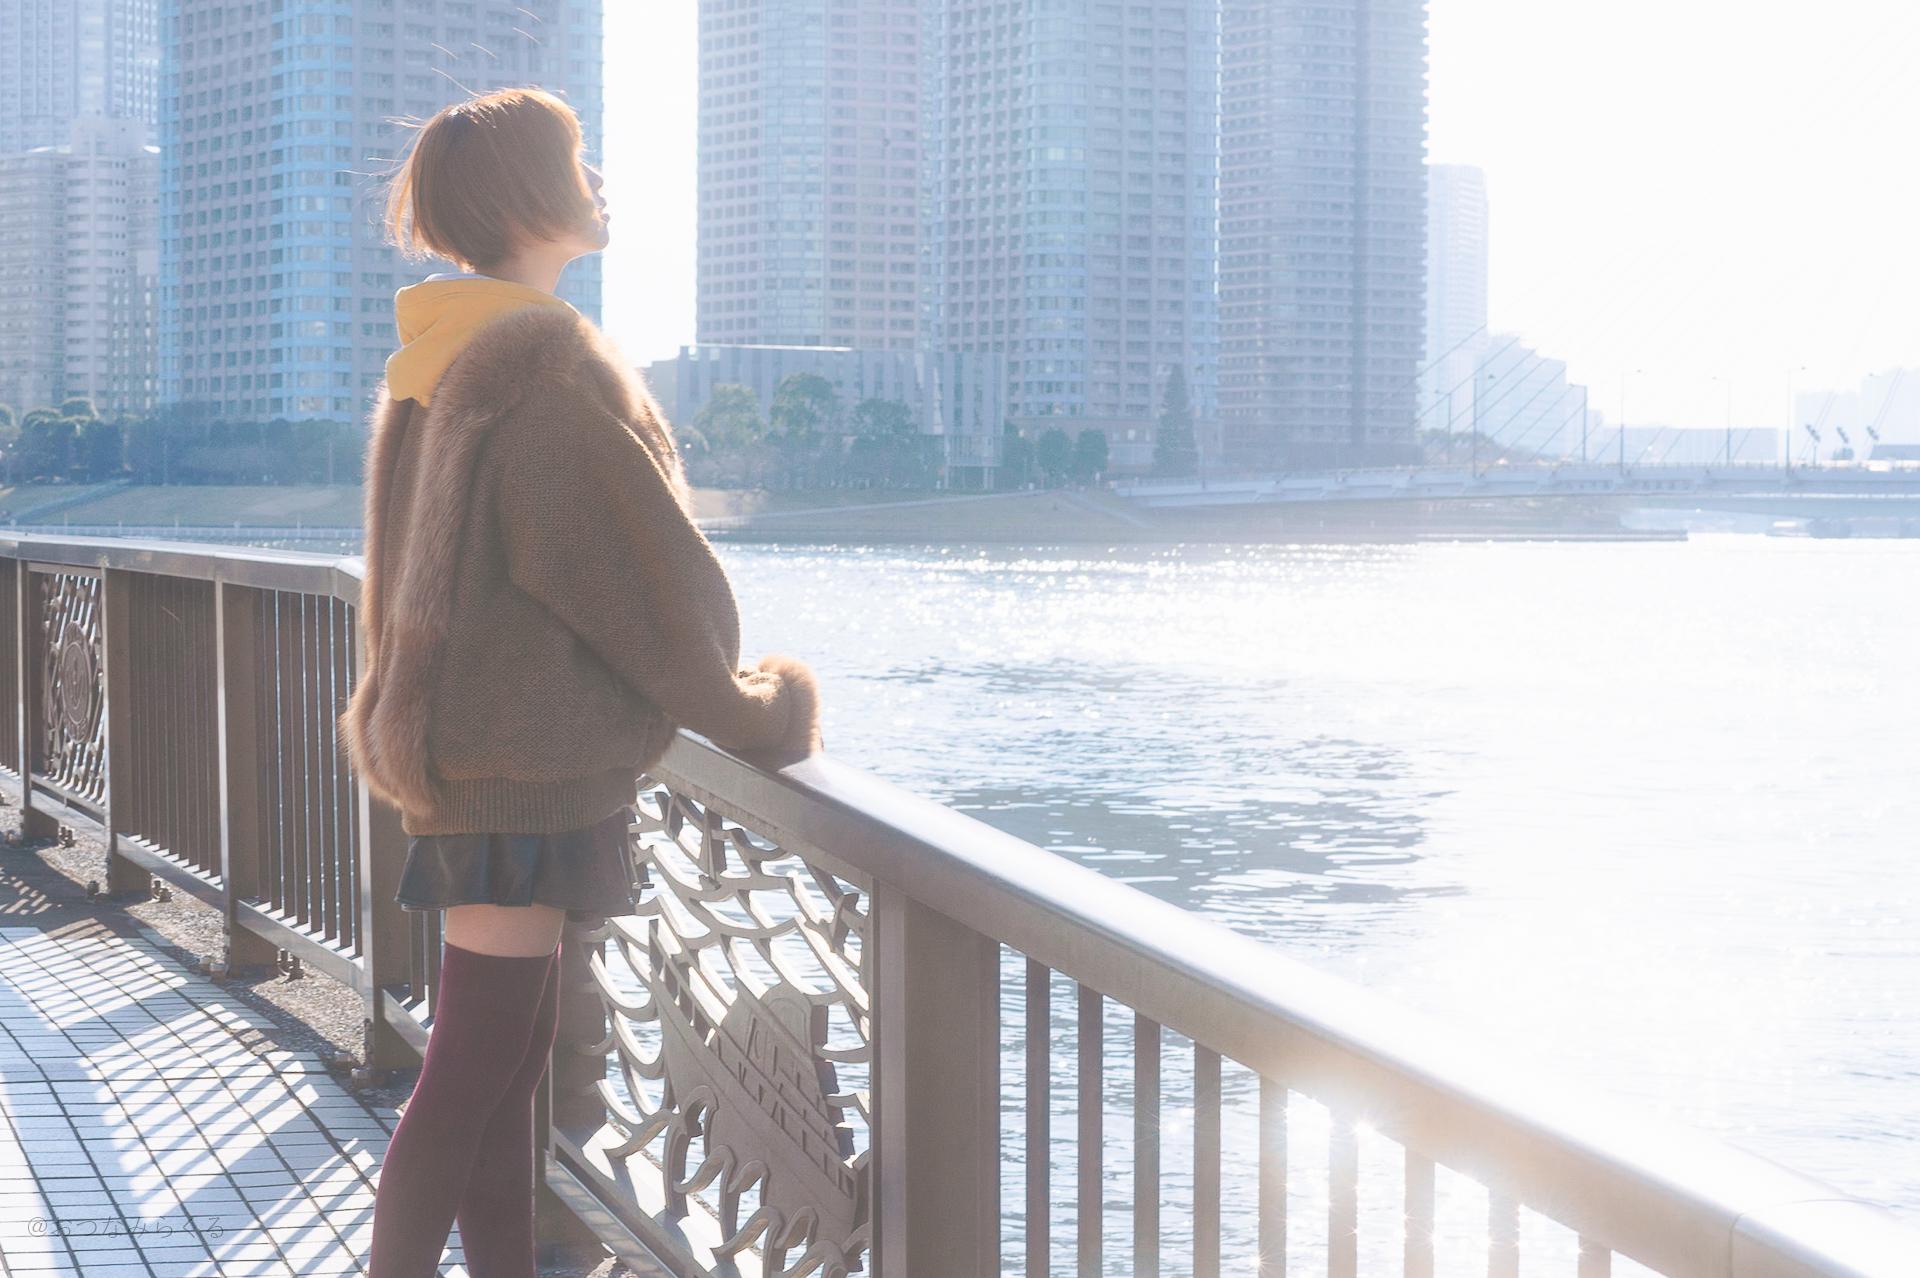 東京 ポートレート 人物写真